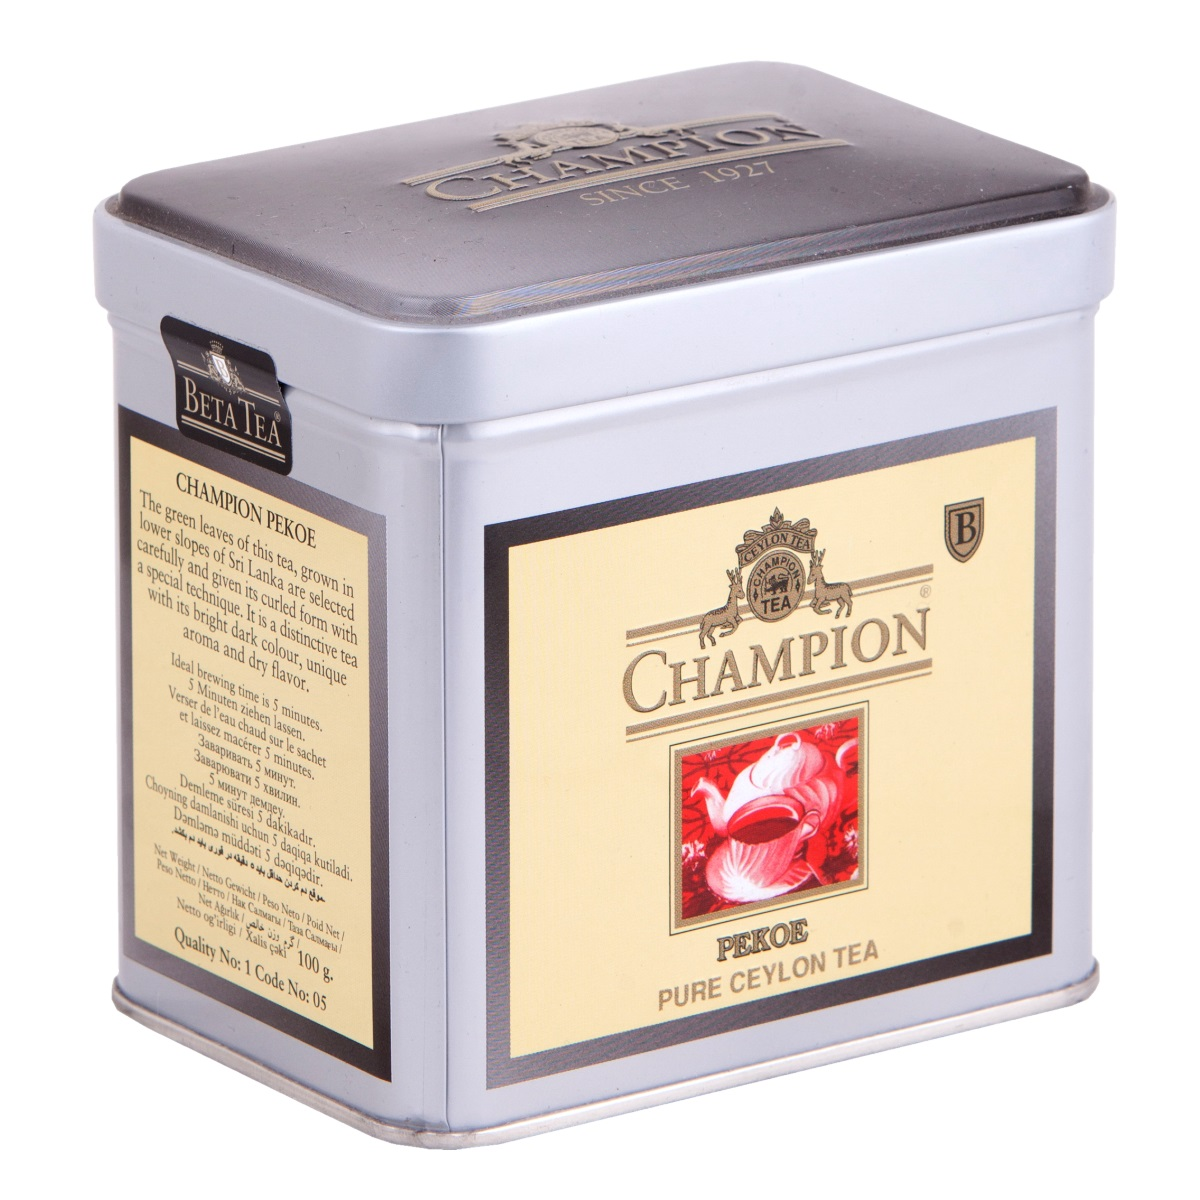 Champion Пеко черный листовой чай, 100 г (металлическая банка)8690717005270Чай Champion Пеко с богатым вкусом, прозрачным и золотистым цветом дает возможность любителям чая оценить настоящий вкус напитка. Чай этого сорта выращивается на плантациях Шри-Ланки. При его создании используется особая технология скручивания чайных листочков. Сочный насыщенный цвет, богатый аромат и терпкость - его отличительные характеристики.